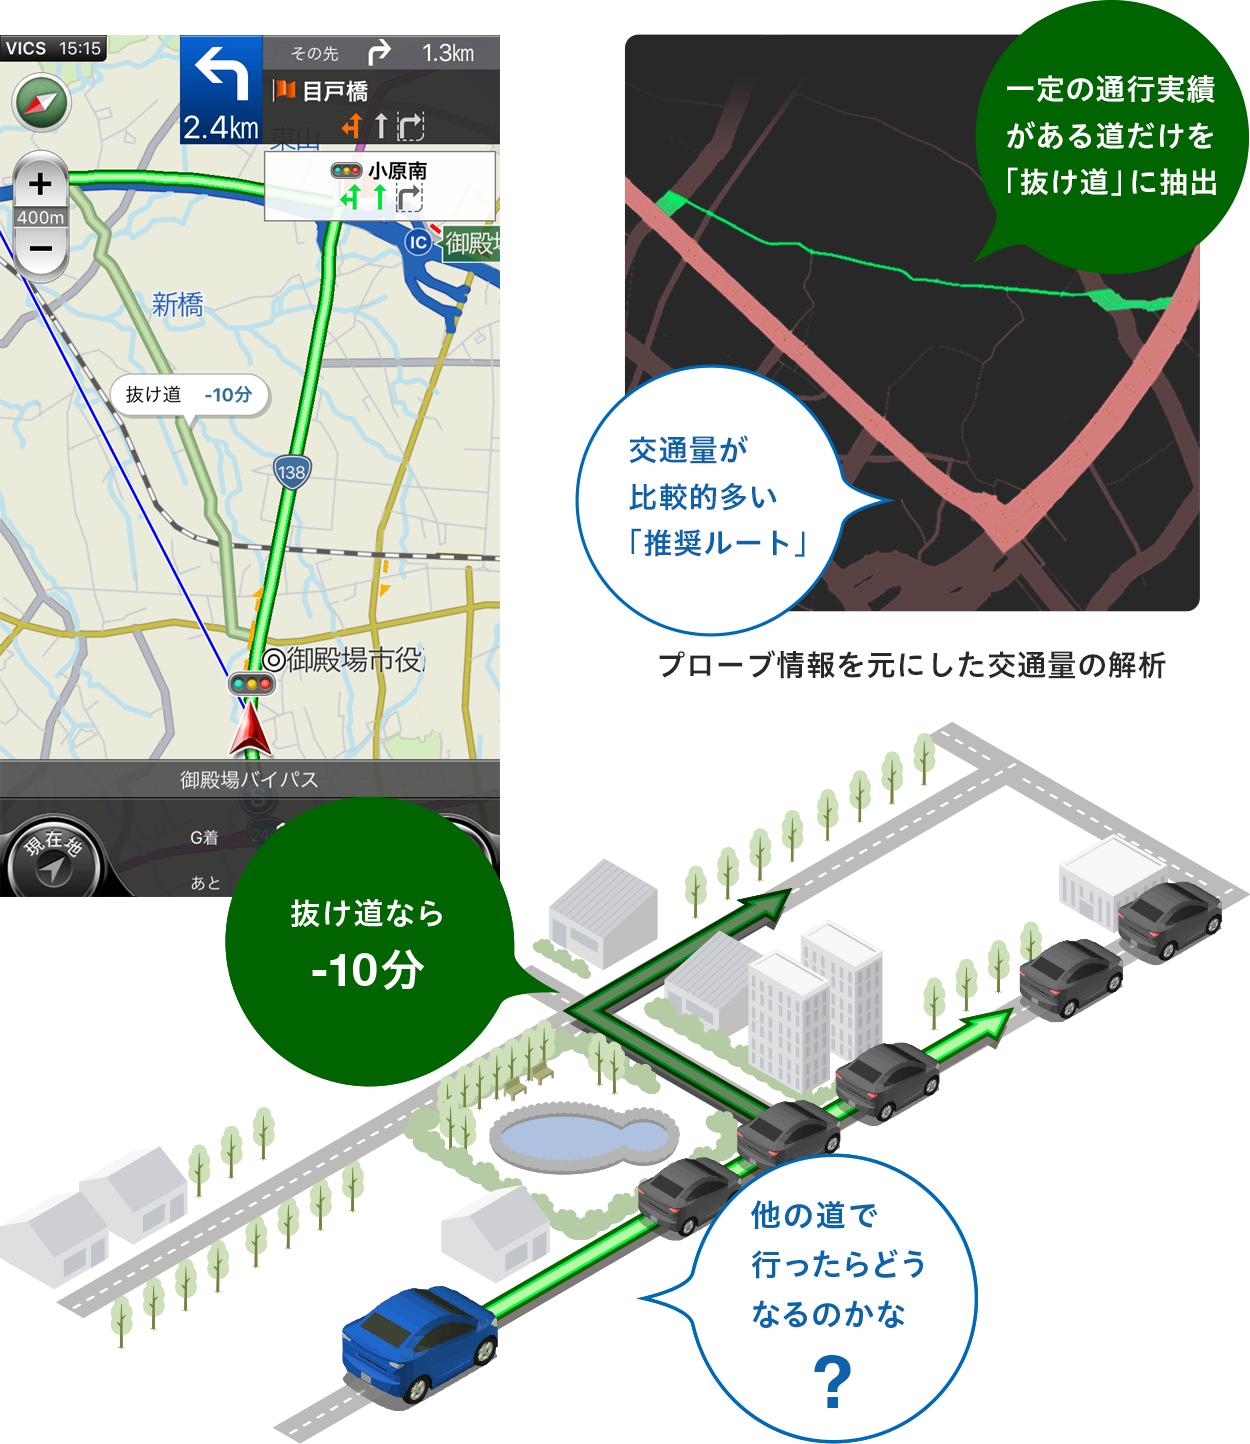 http://corporate.navitime.co.jp/topics/press_cnsp_nukemichi_web2.png